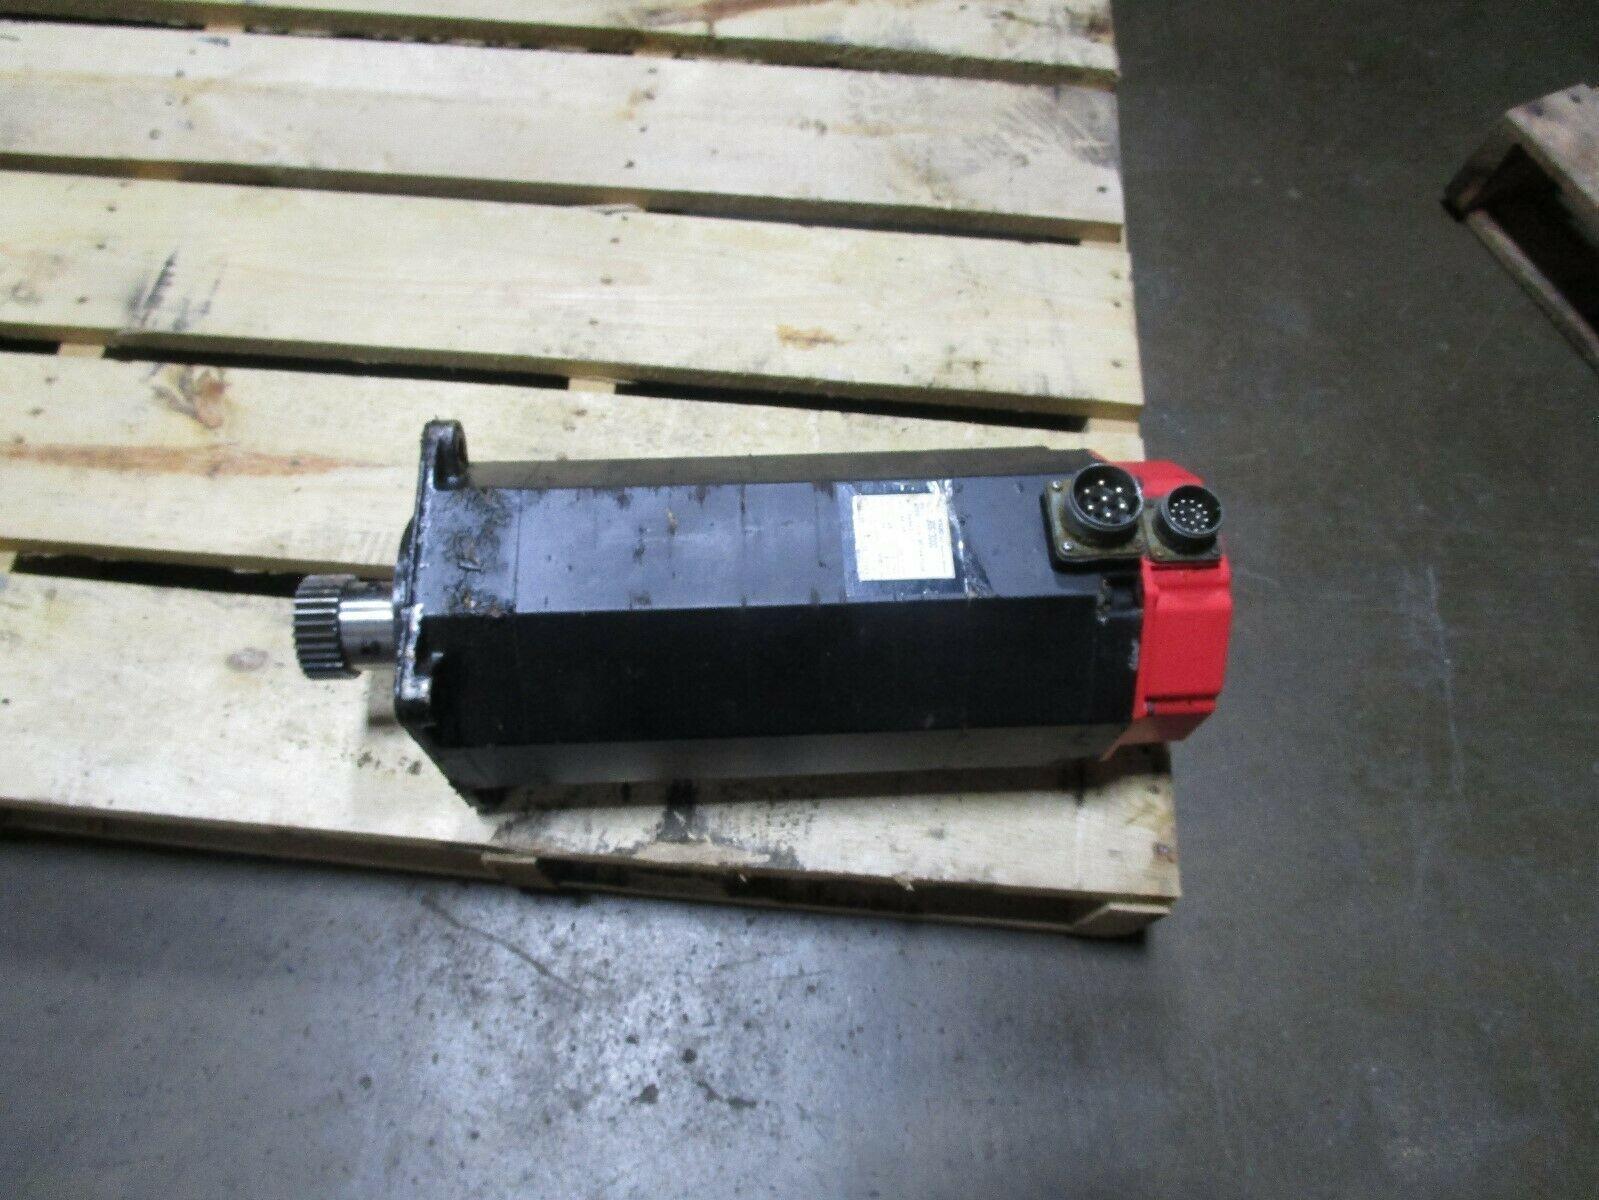 Fanuc Servo Motor 30S/3000 A06B-0319-B074 #7008